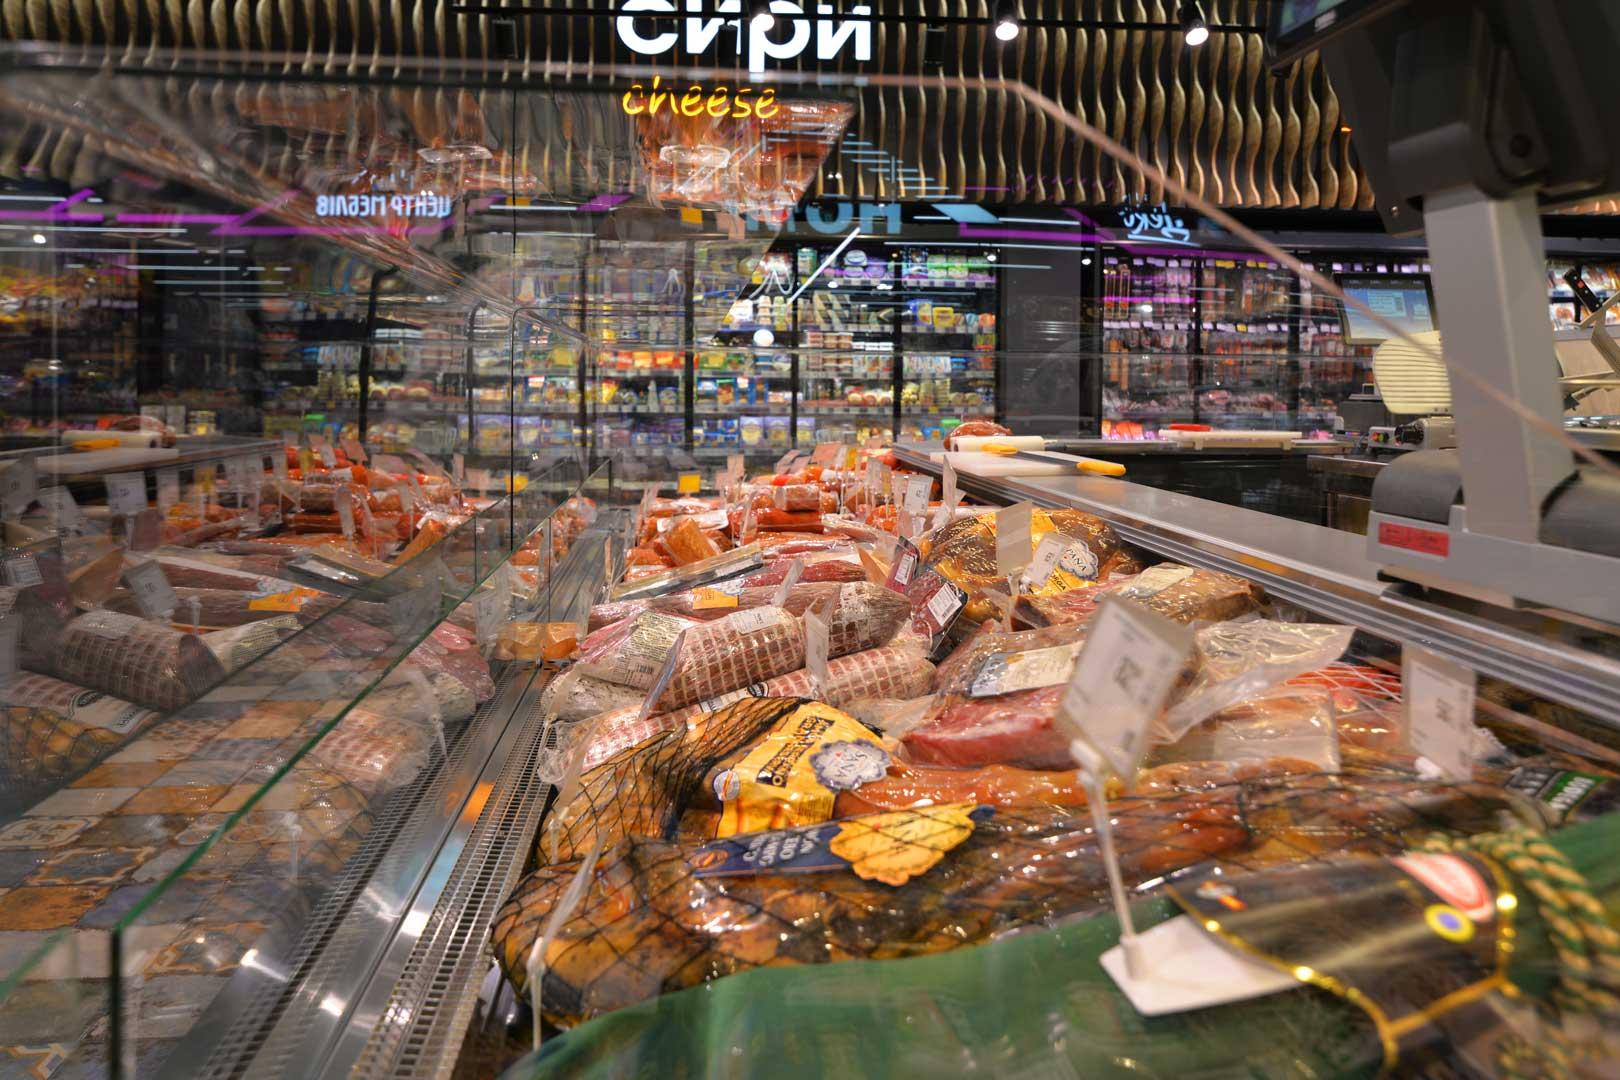 """Kuhlvitrinen Missouri MC 120 deli OS M, Supermarkt """"Epicentr"""" Poltawa"""